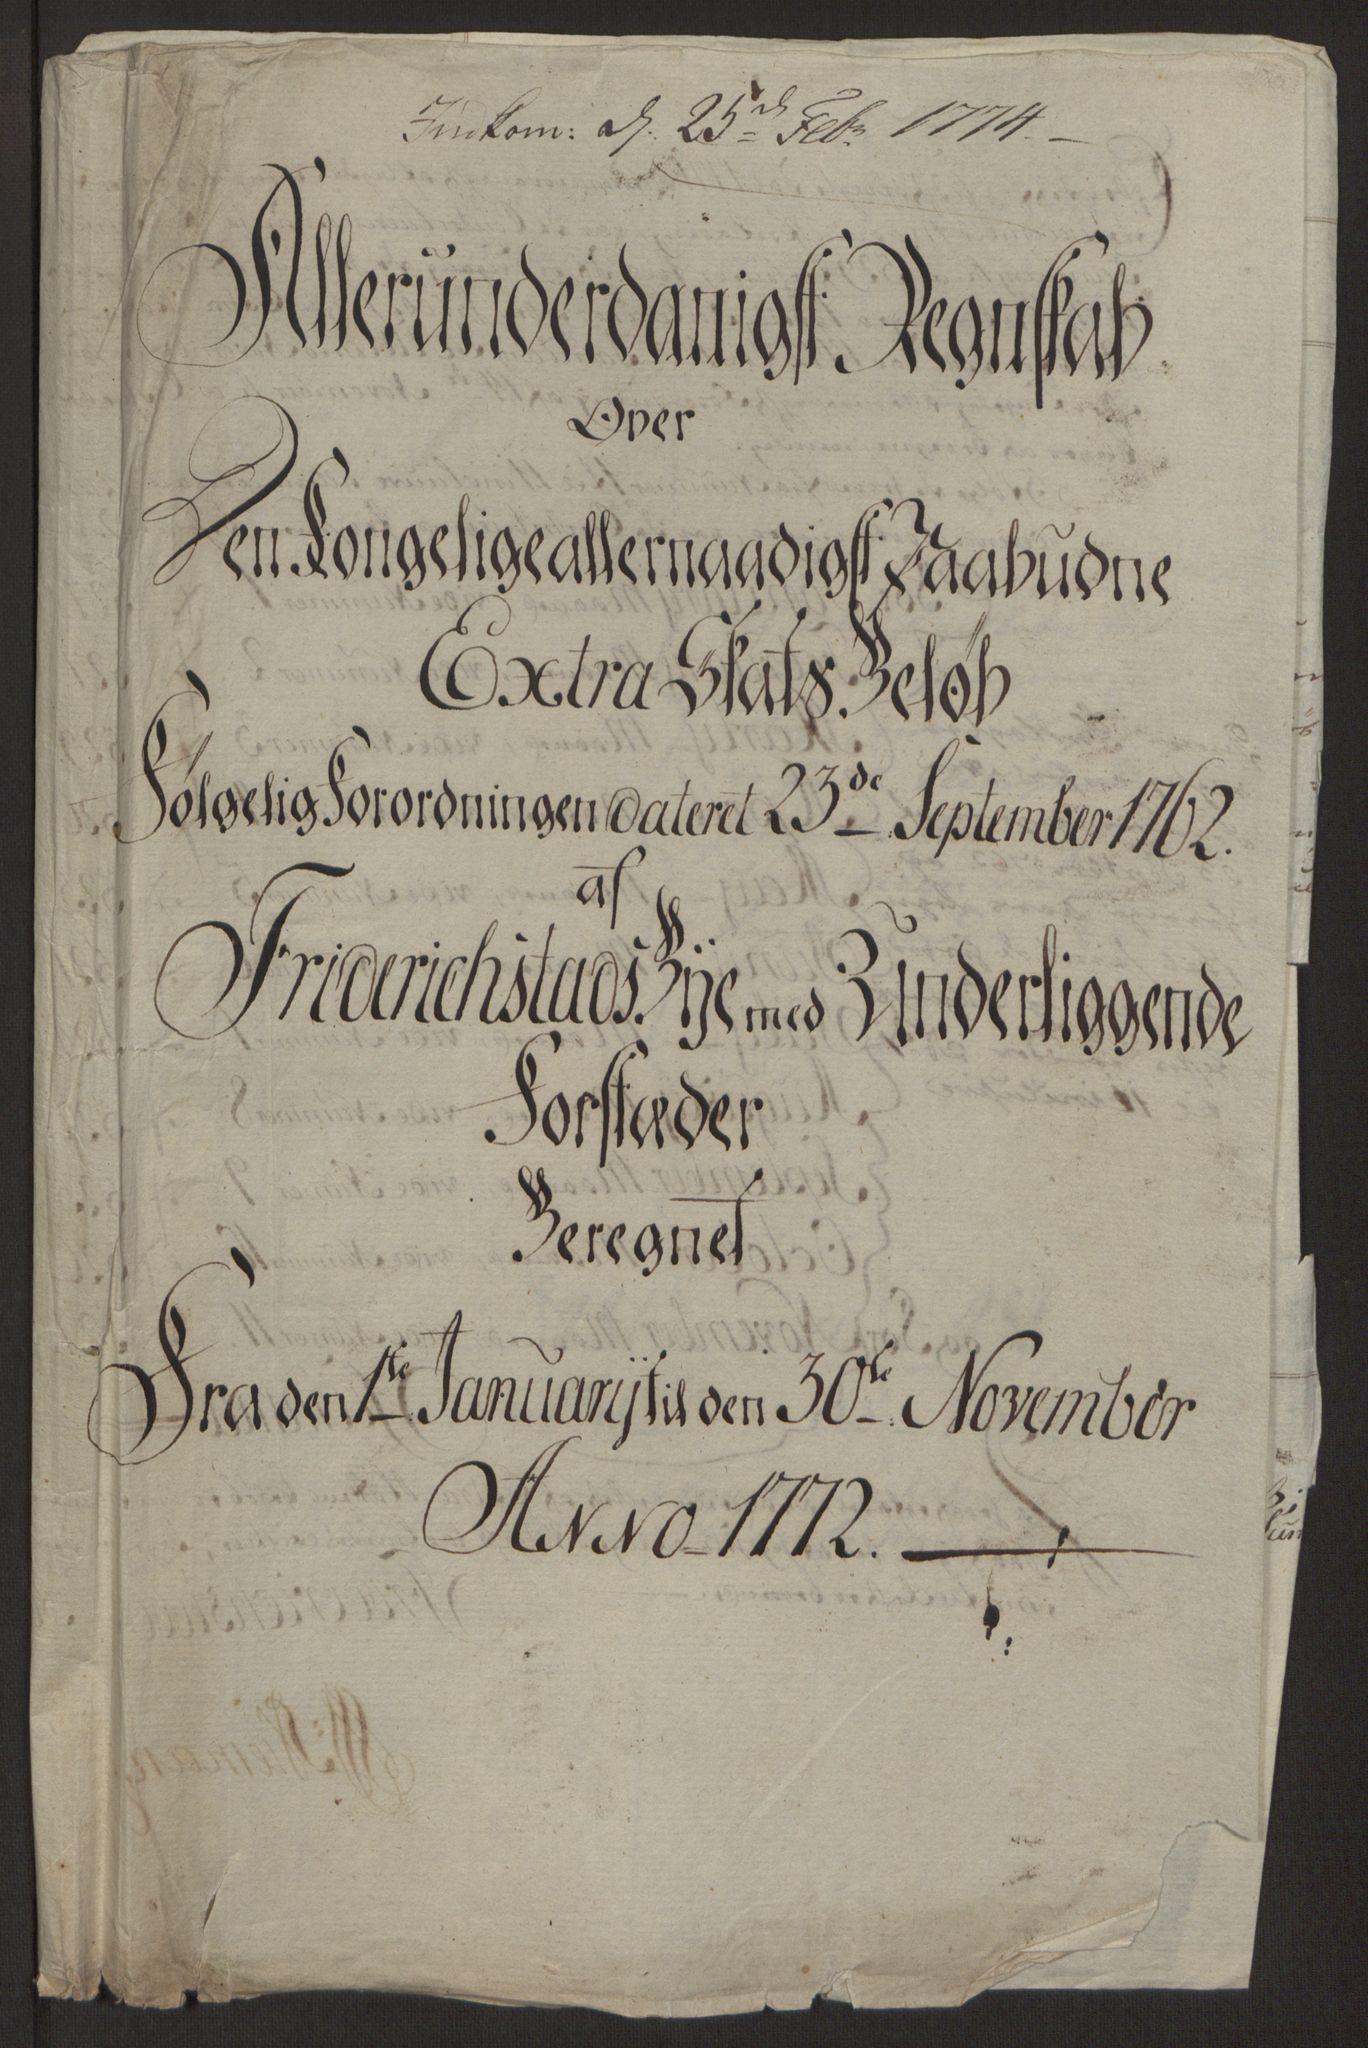 RA, Rentekammeret inntil 1814, Reviderte regnskaper, Byregnskaper, R/Rb/L0029: [B3] Kontribusjonsregnskap, 1762-1772, s. 404